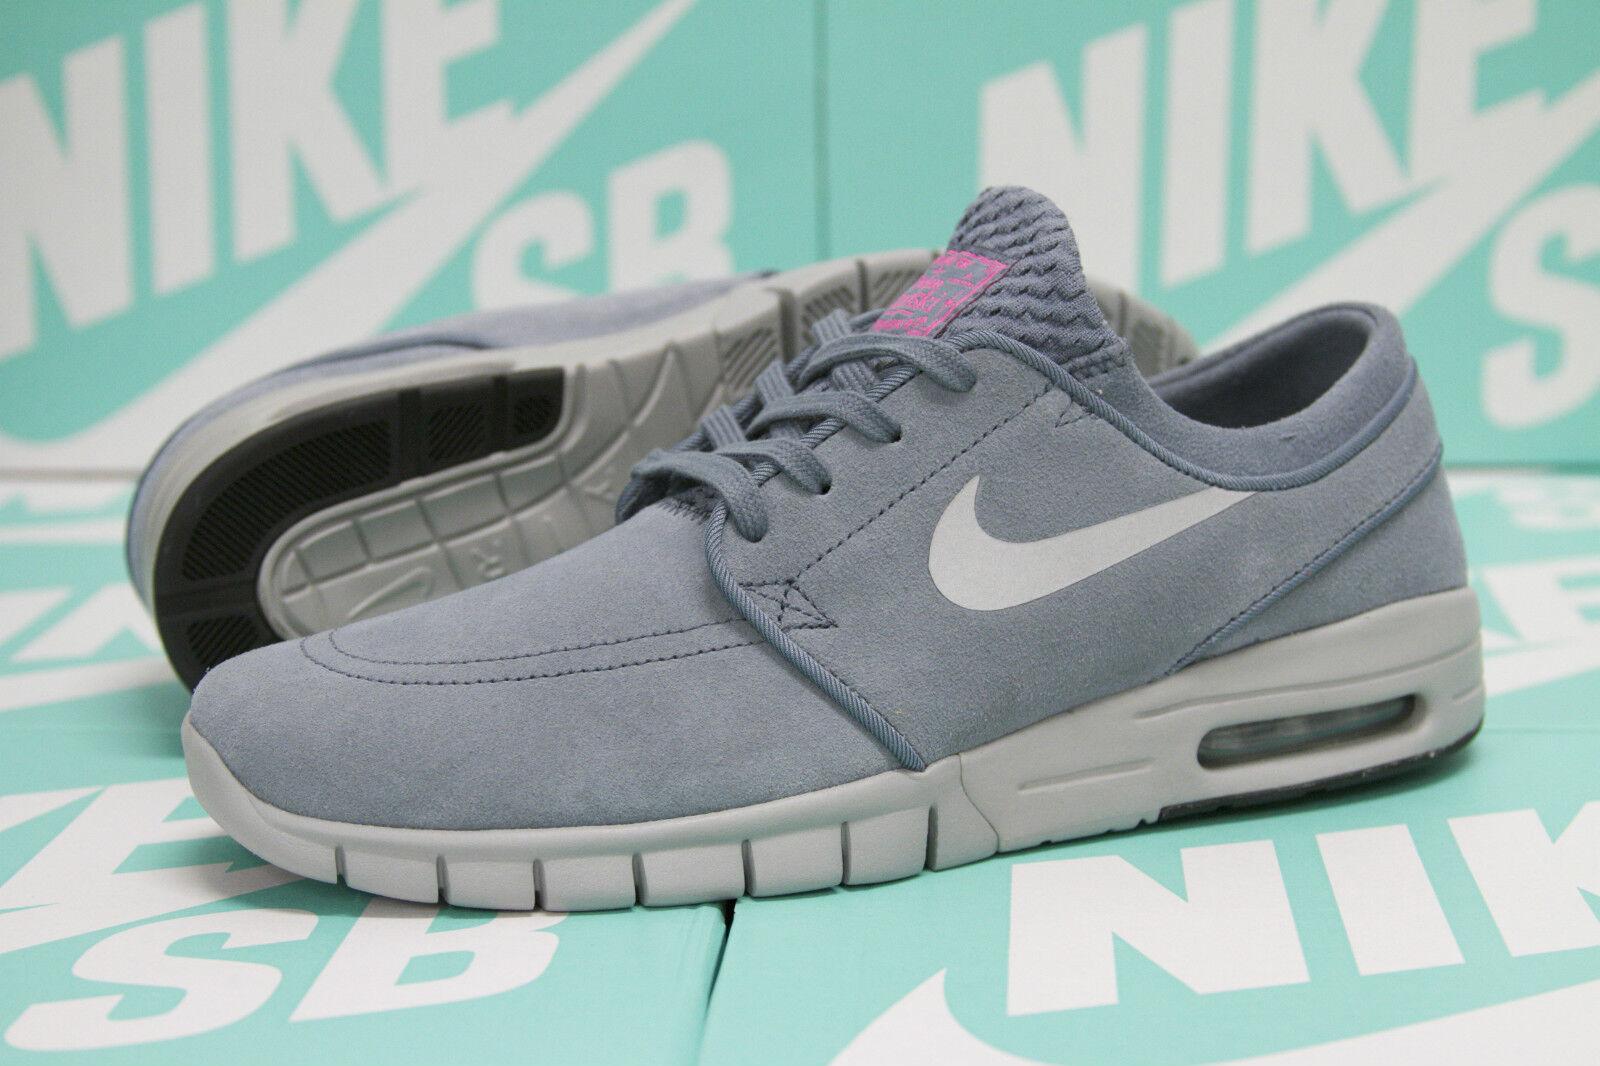 Nike sb stefan janoski max l rosa - blu) / silver rosa l - 685299 406 sz 8,5 0cc6d3